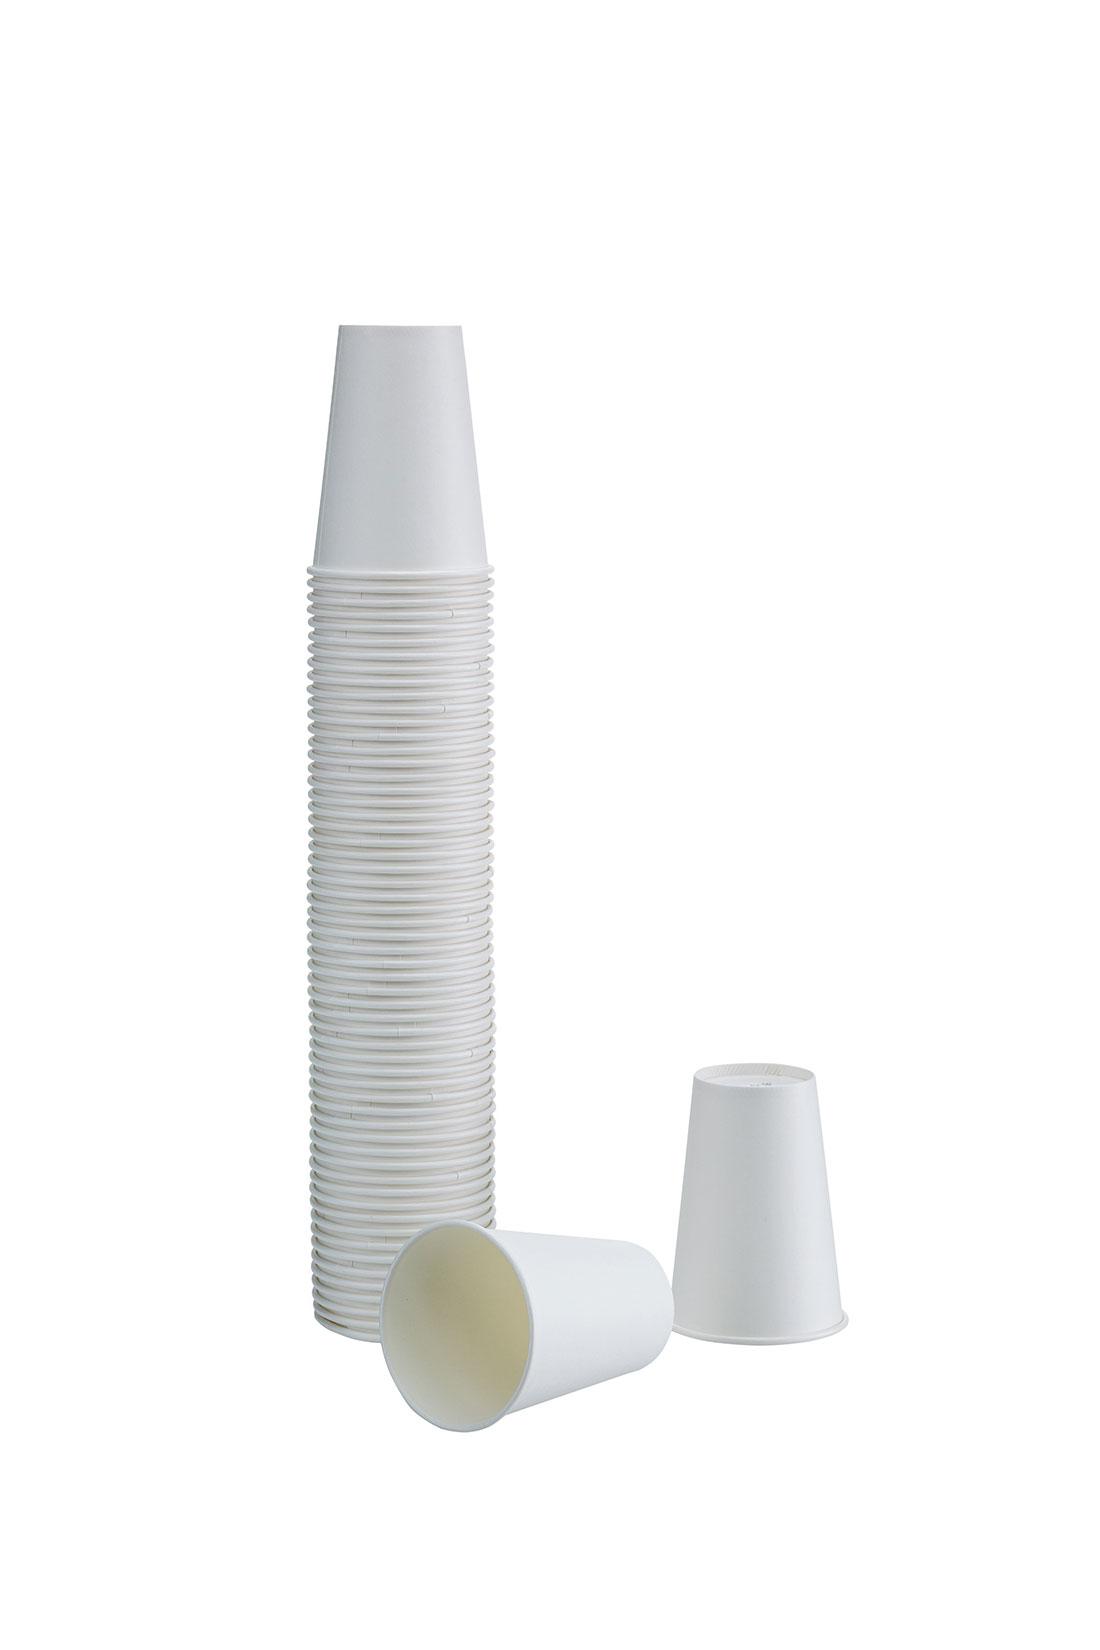 kartonnen-drinkbeker